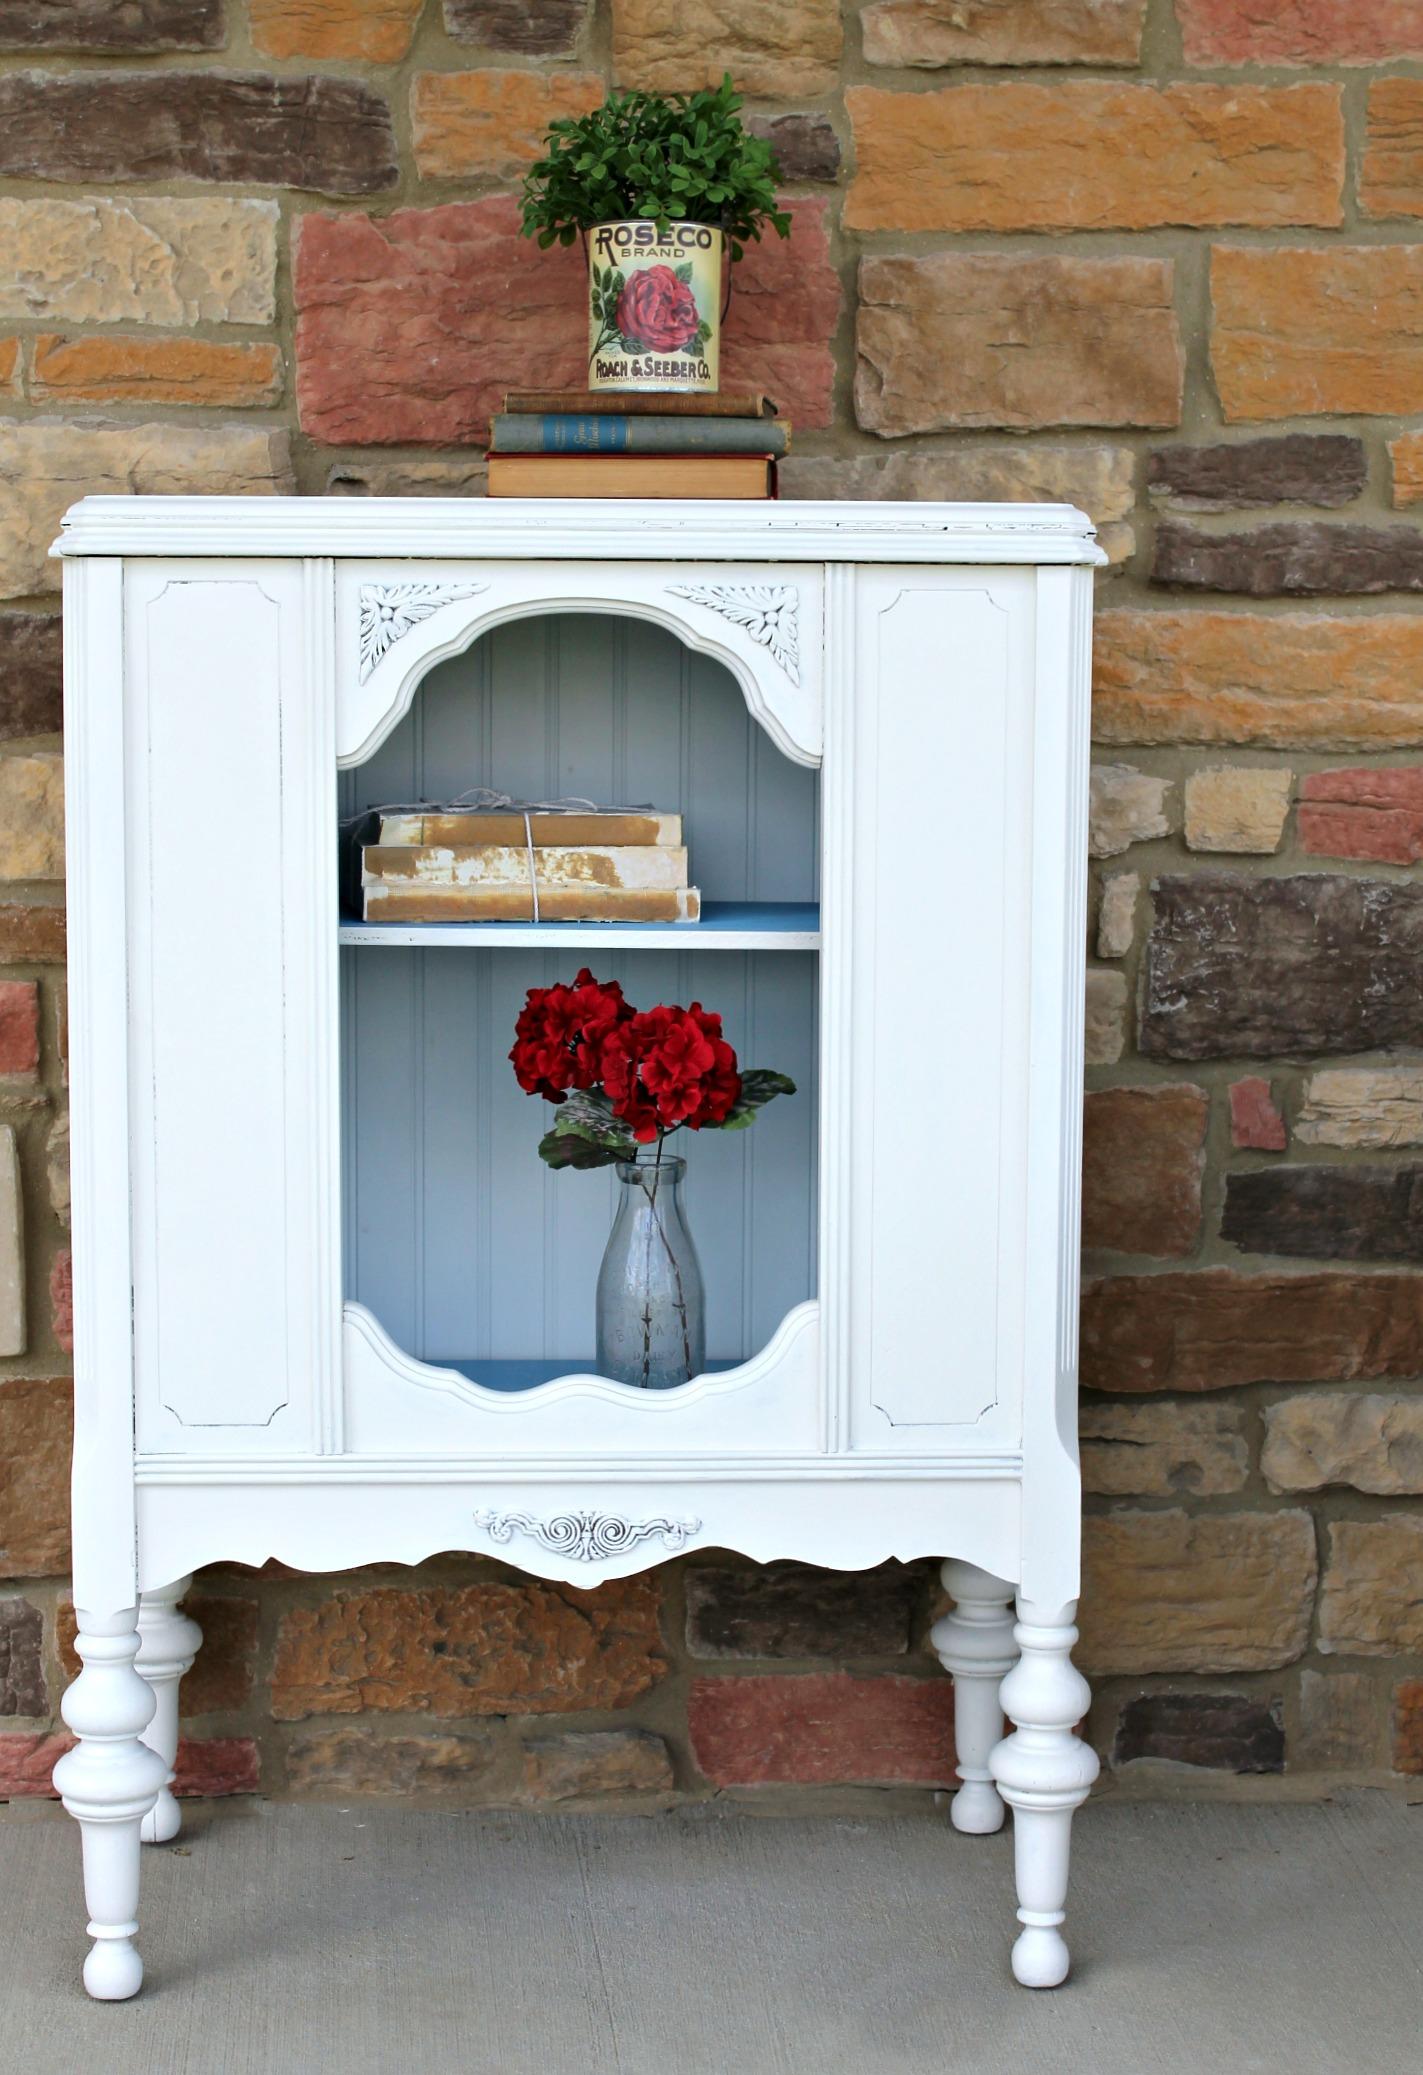 Repurposed antique radio cabinet to bookcase - by Girl in the Garage - Antique Repurposed Radio Cabinet Girl In The Garage®